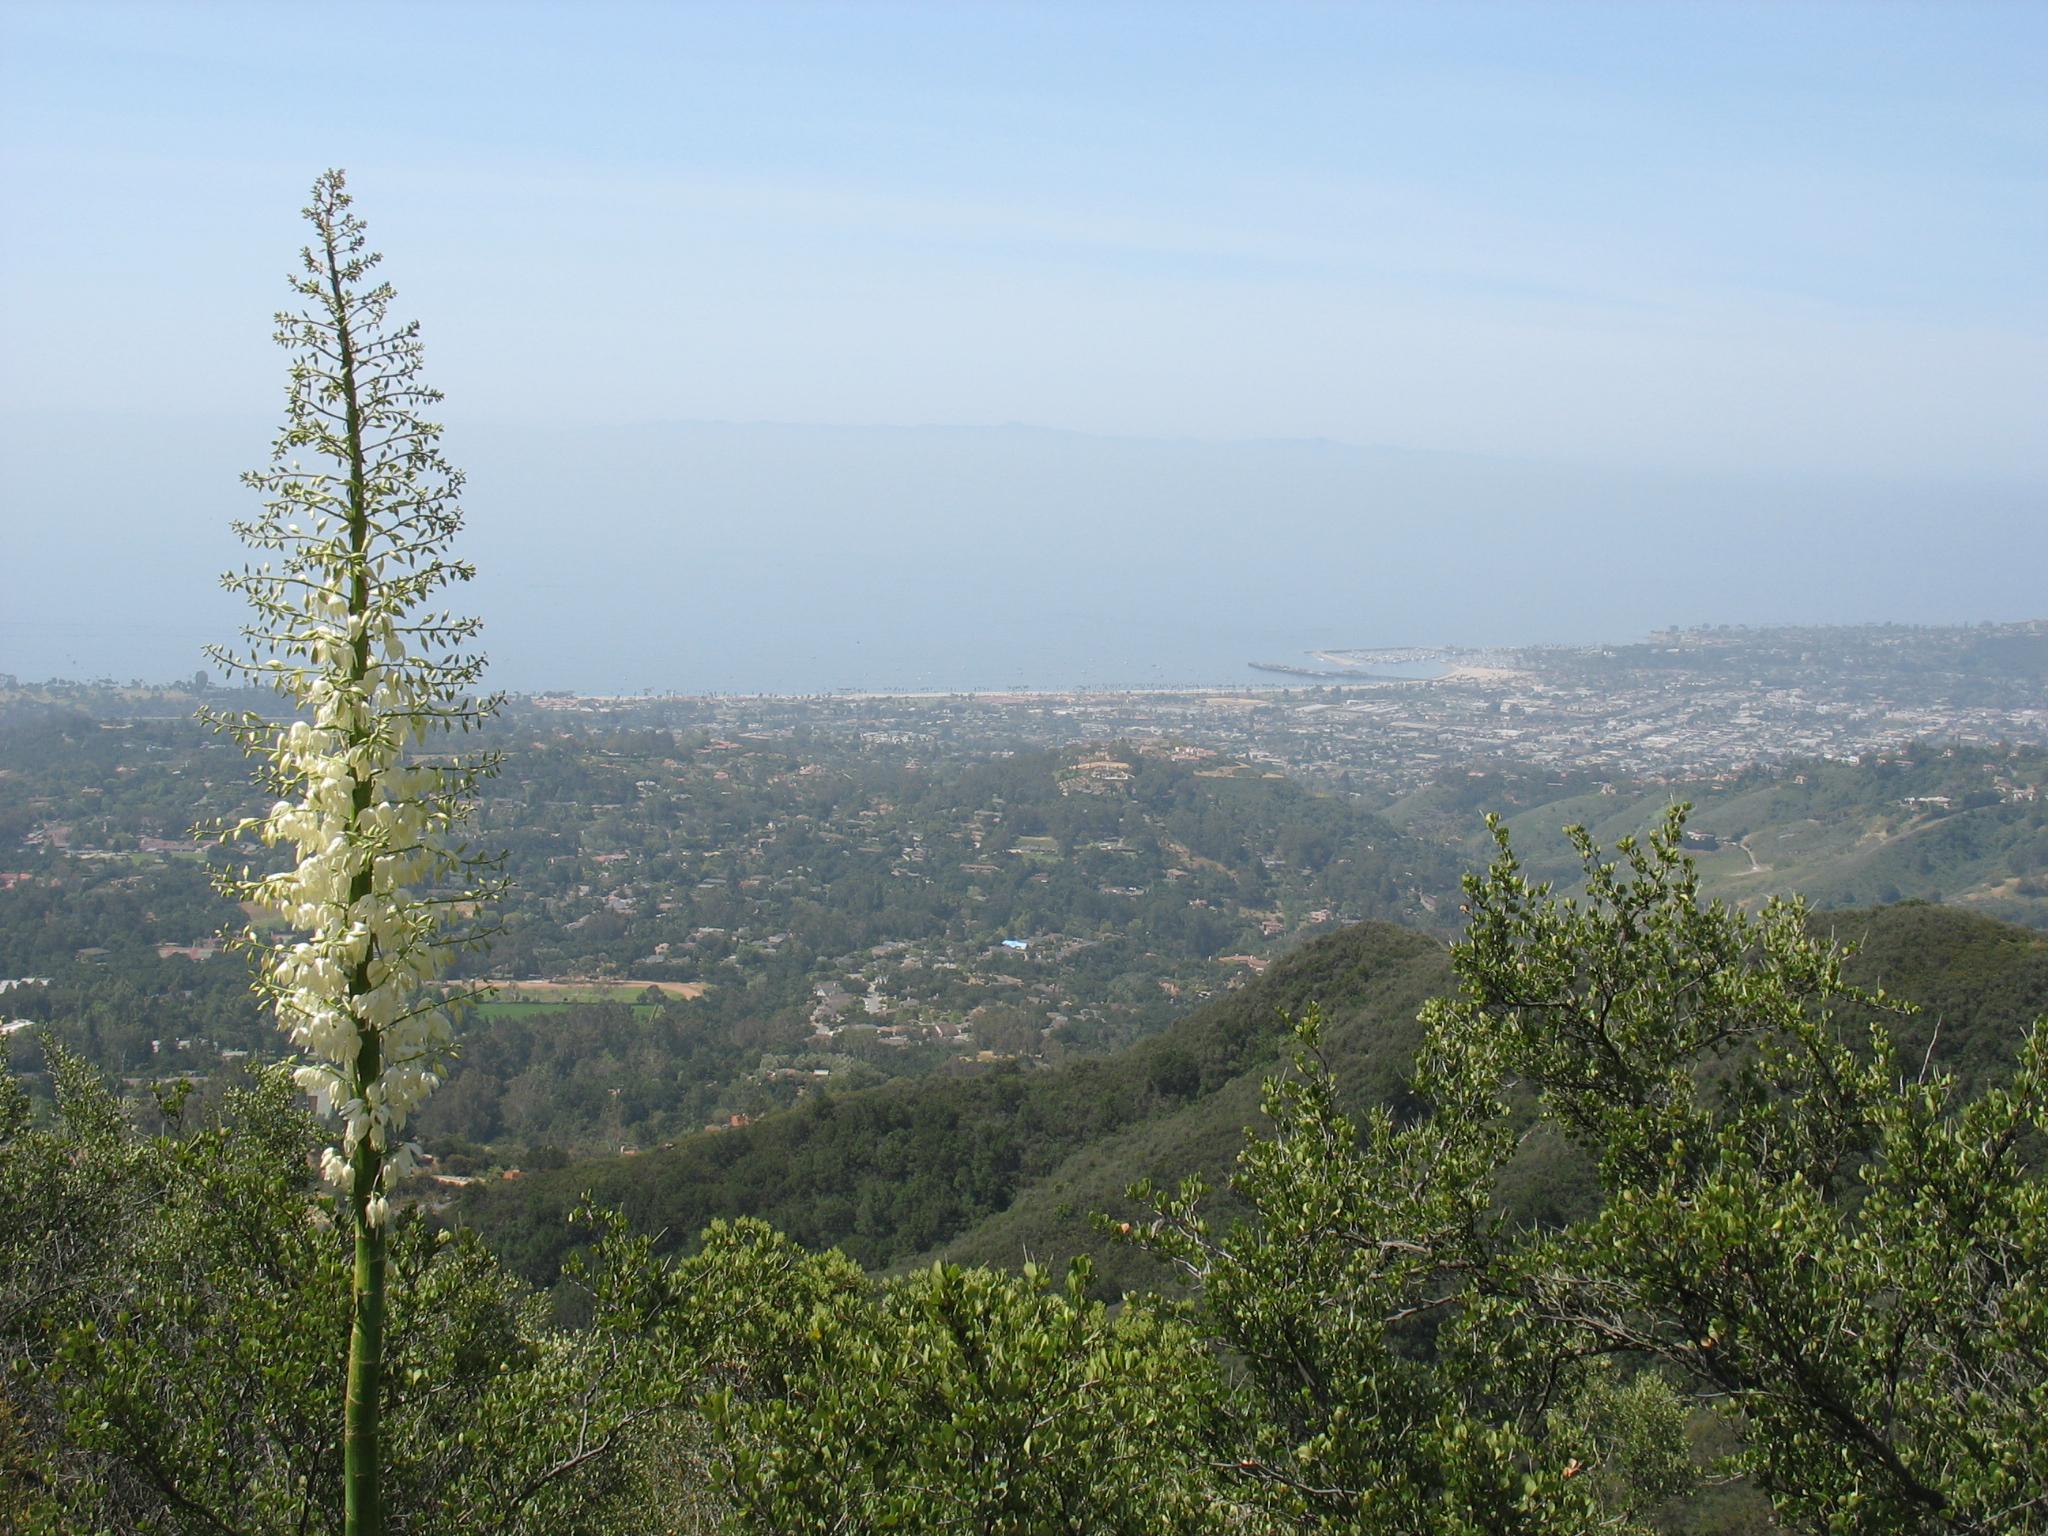 Mar Y Cel, Montecito